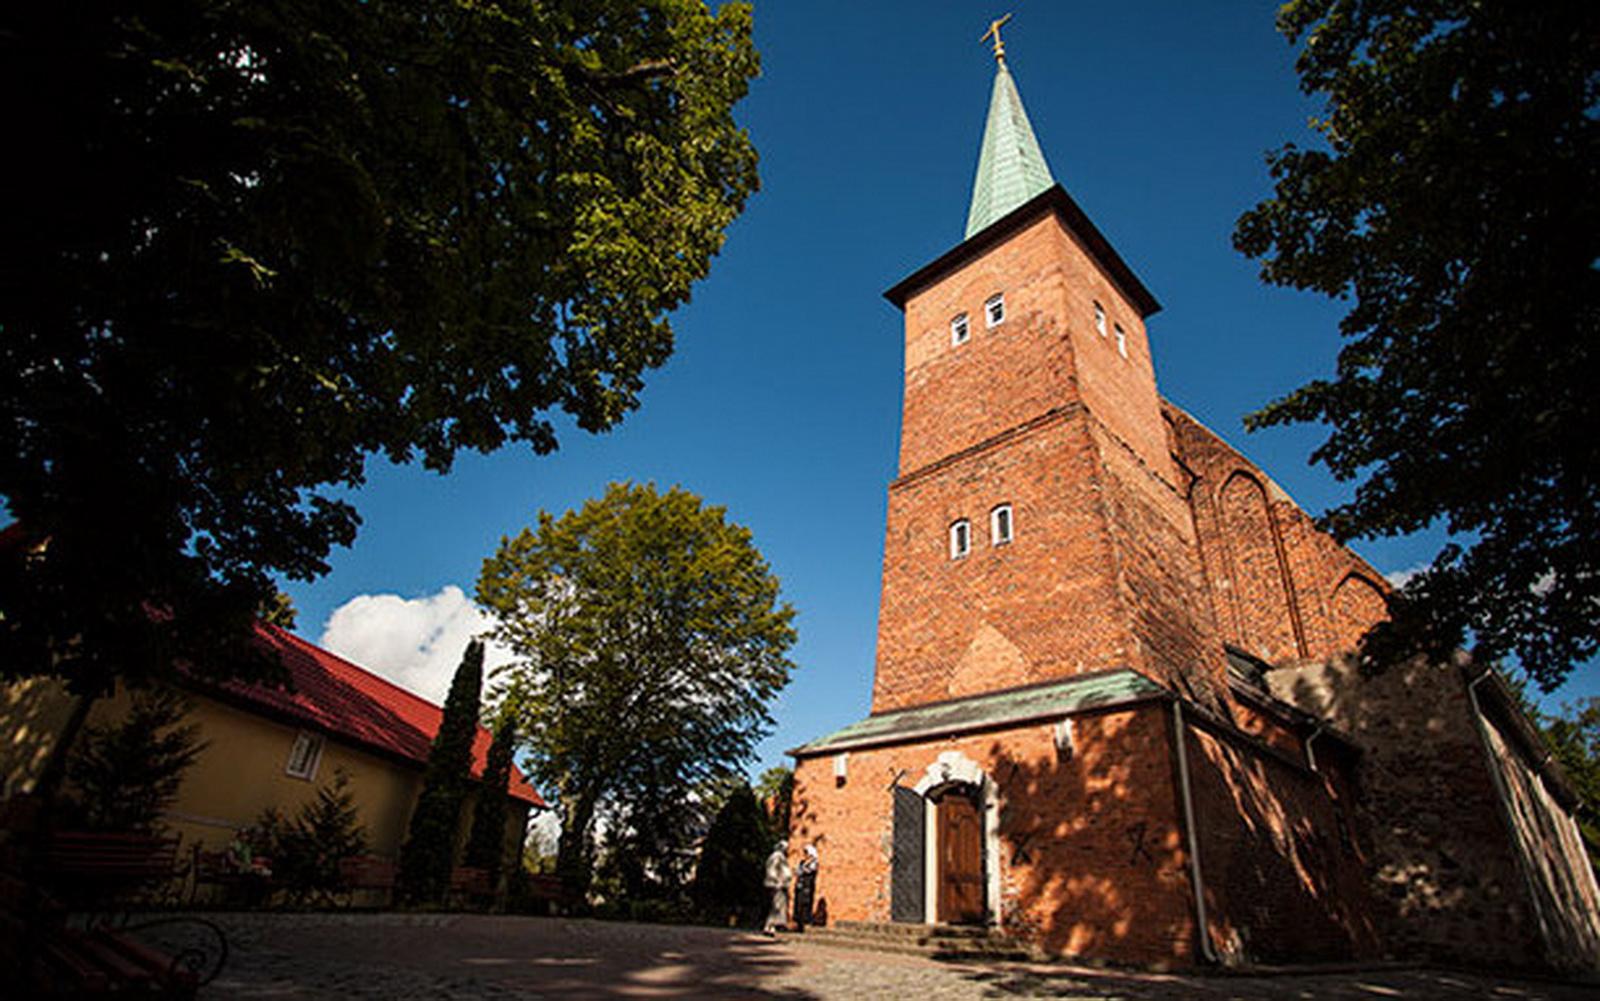 кирха калининградская область фото